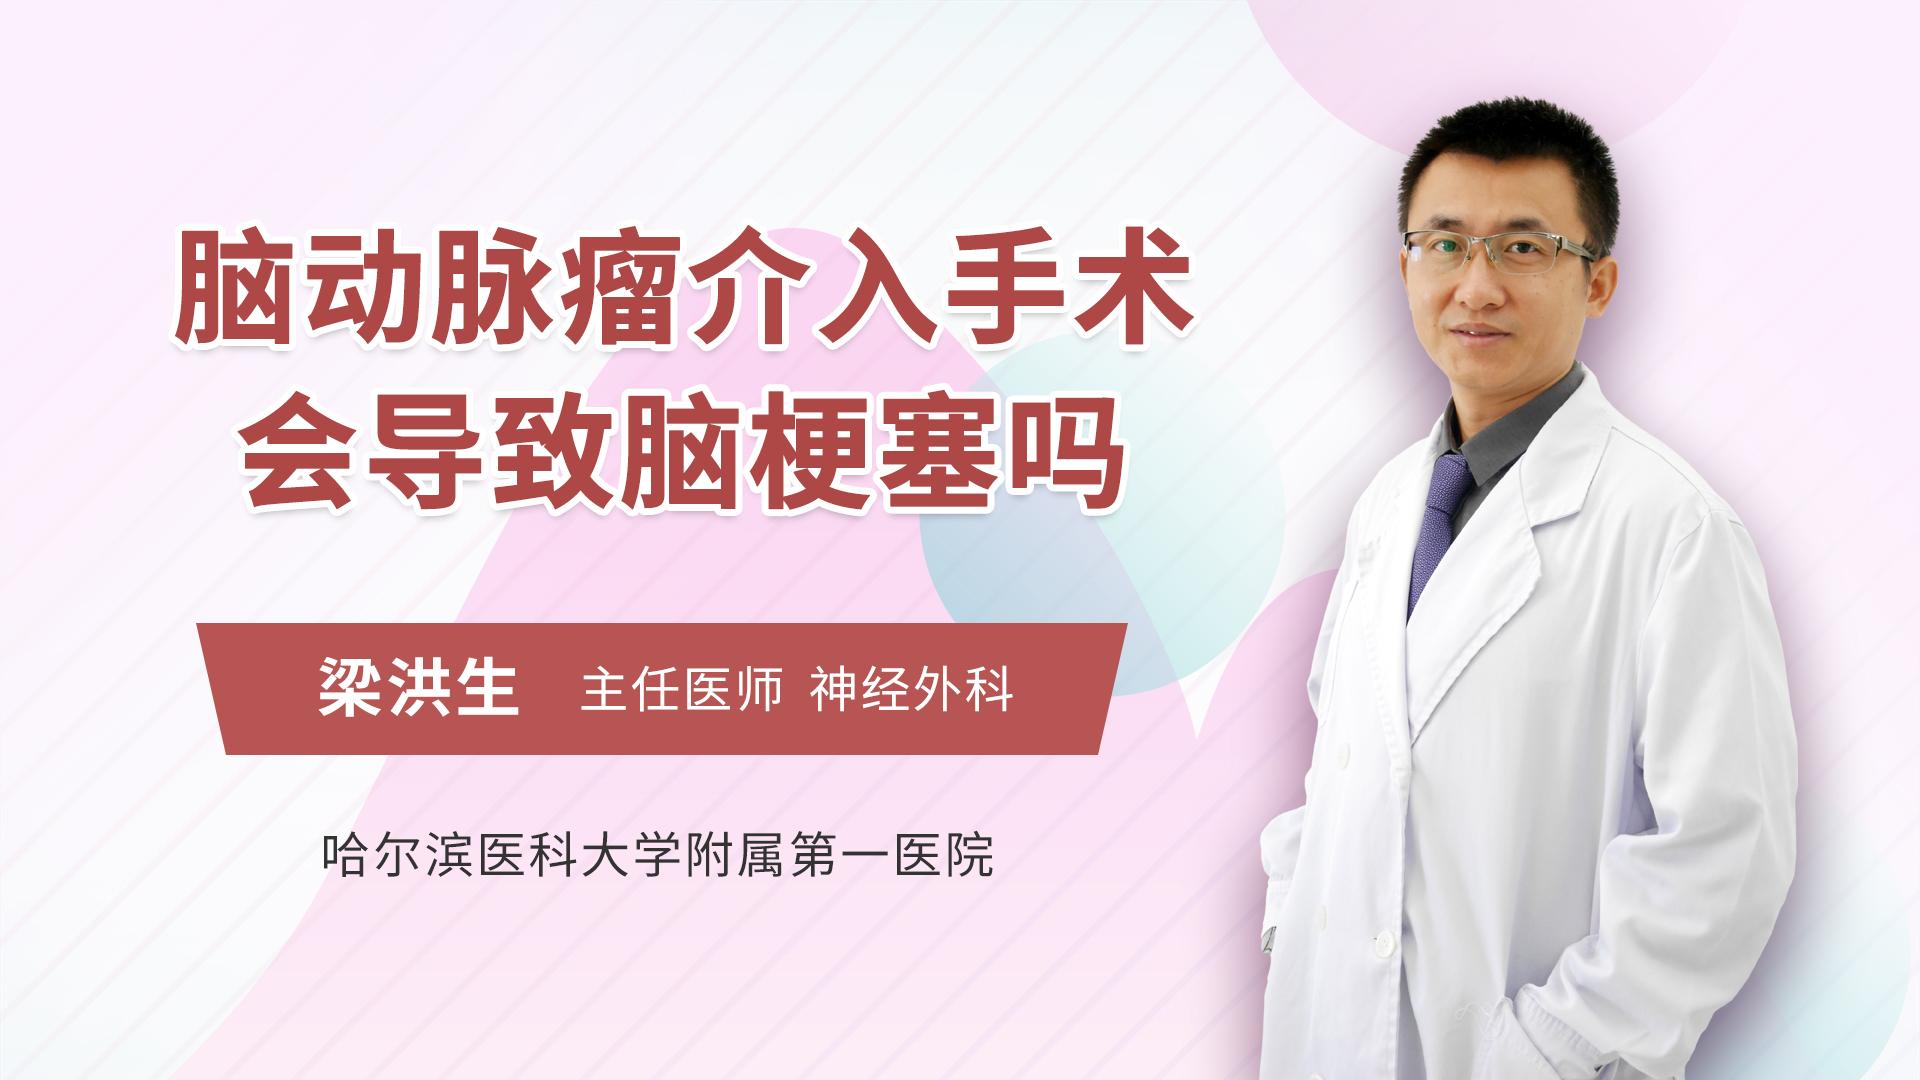 脑动脉瘤介入手术会导致脑梗塞吗